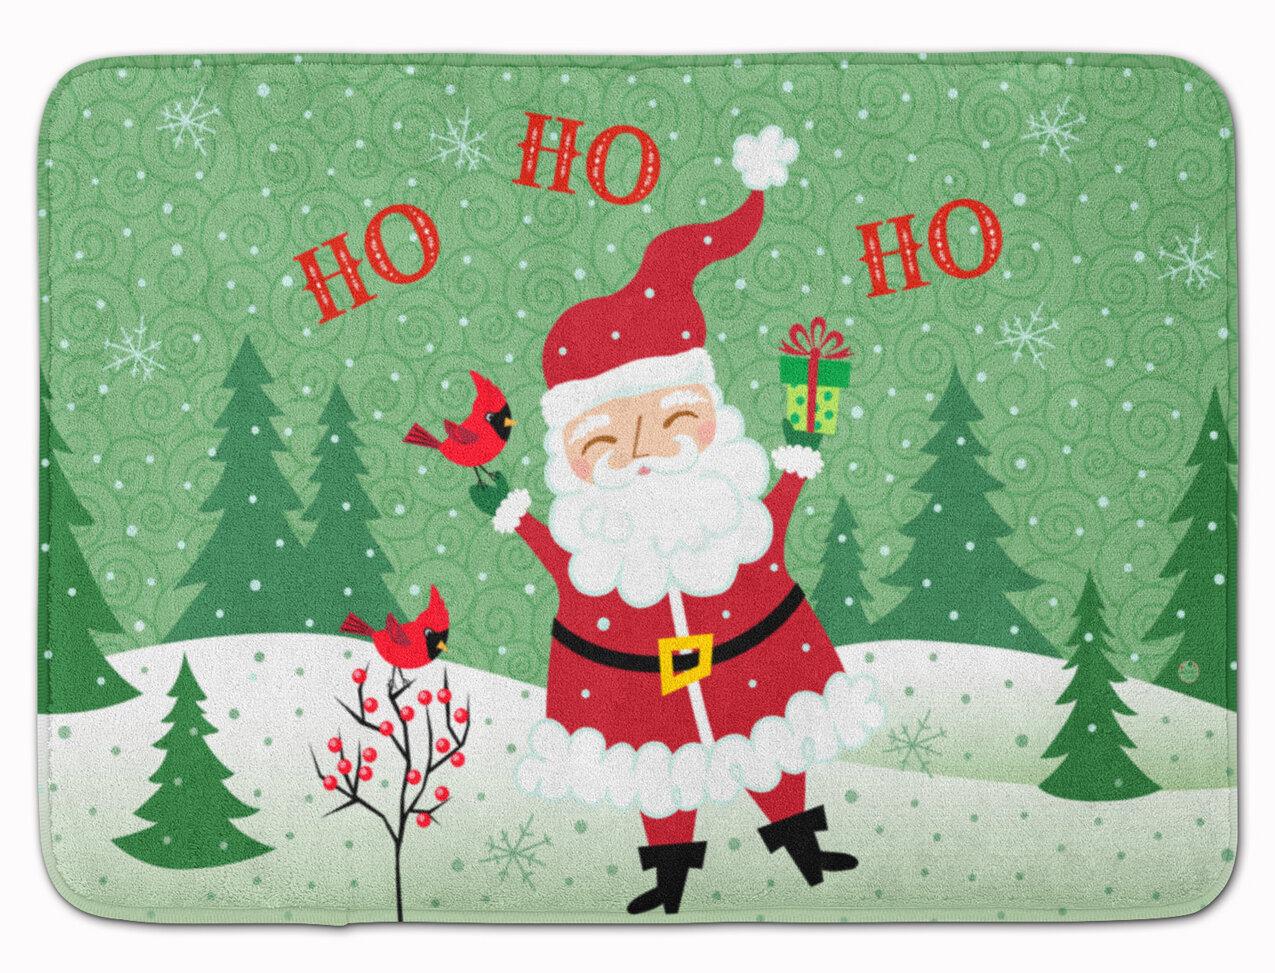 The Holiday Aisle Merry Christmas Santa Claus Ho Ho Ho Memory Foam ...